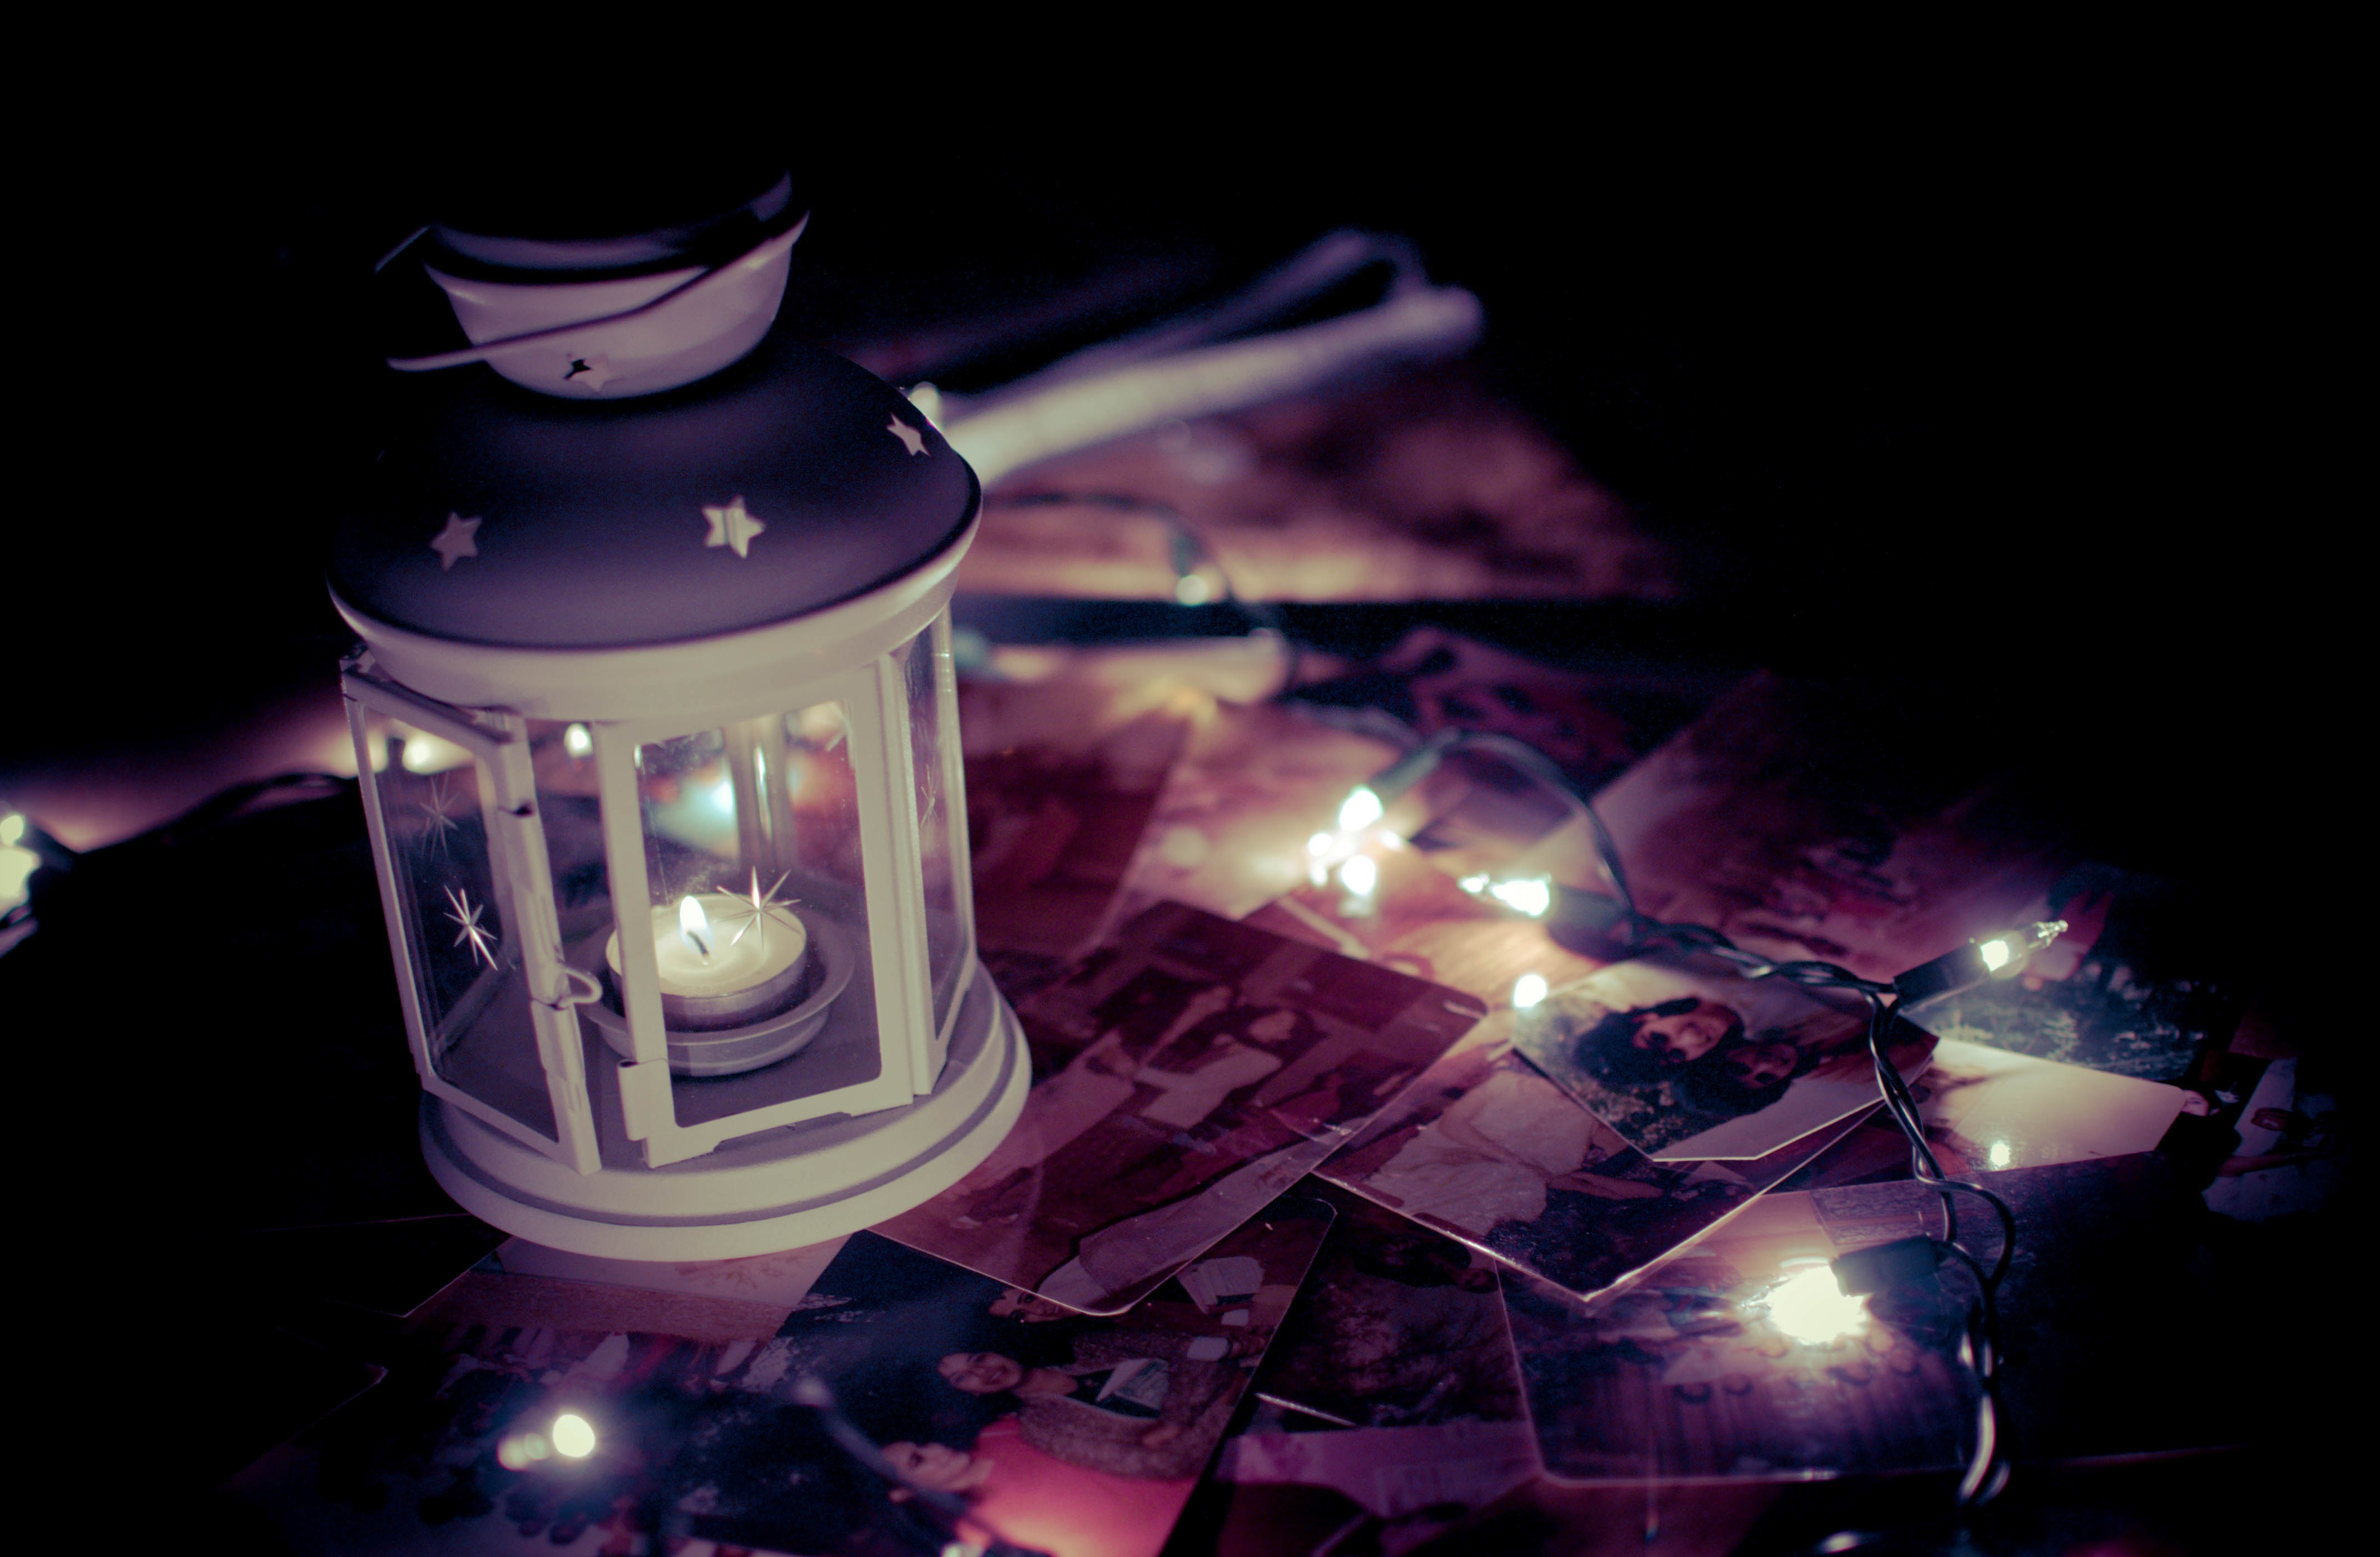 синий фонарь свечка  № 2050224 без смс